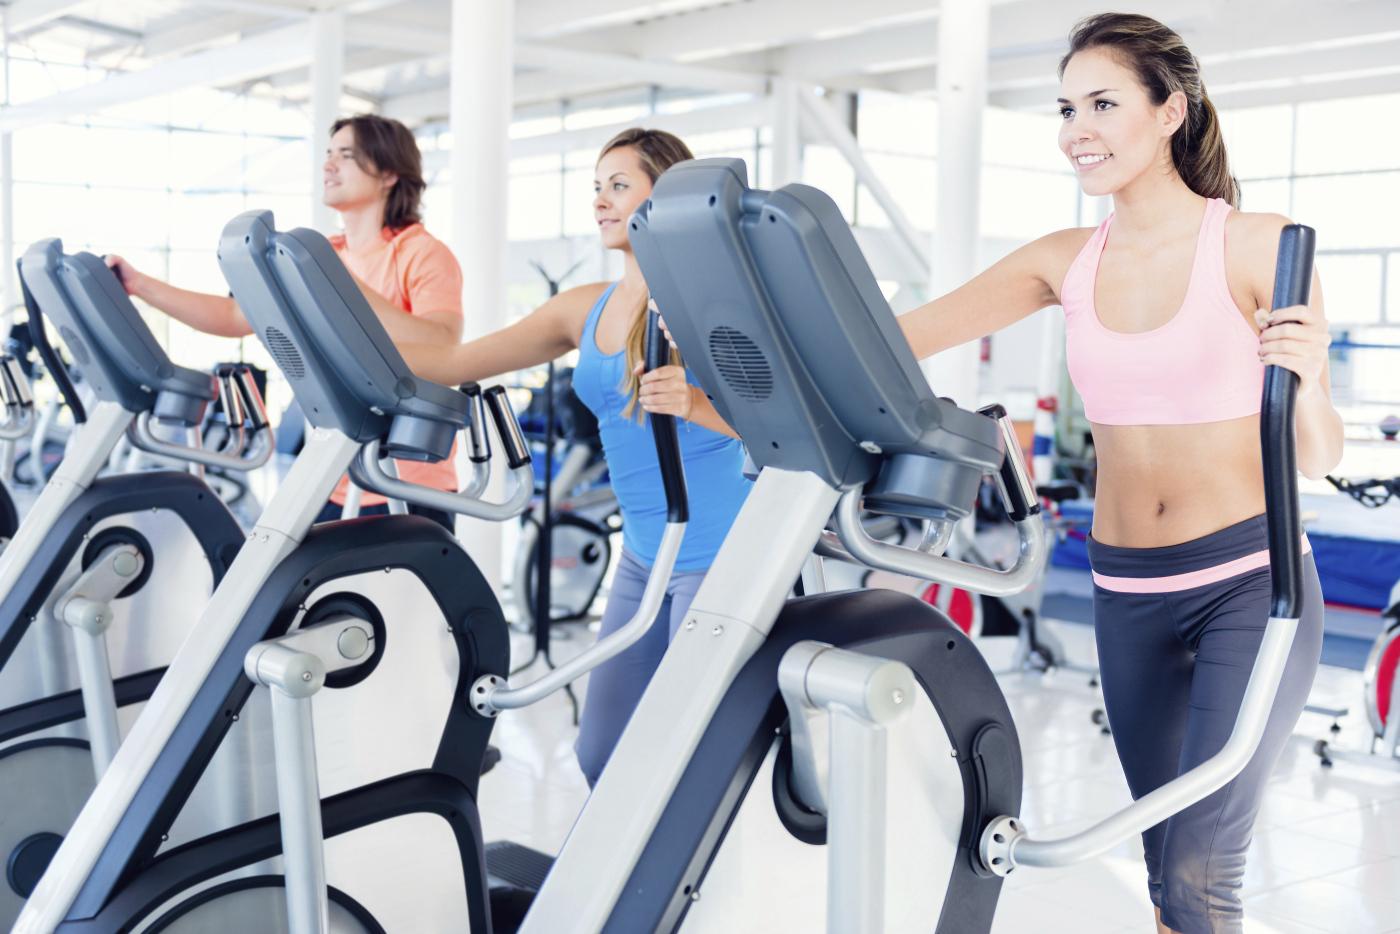 व्यायाम के तरीके से भी मूड पर पड़ता है असर दिमाग लेता है आनंद